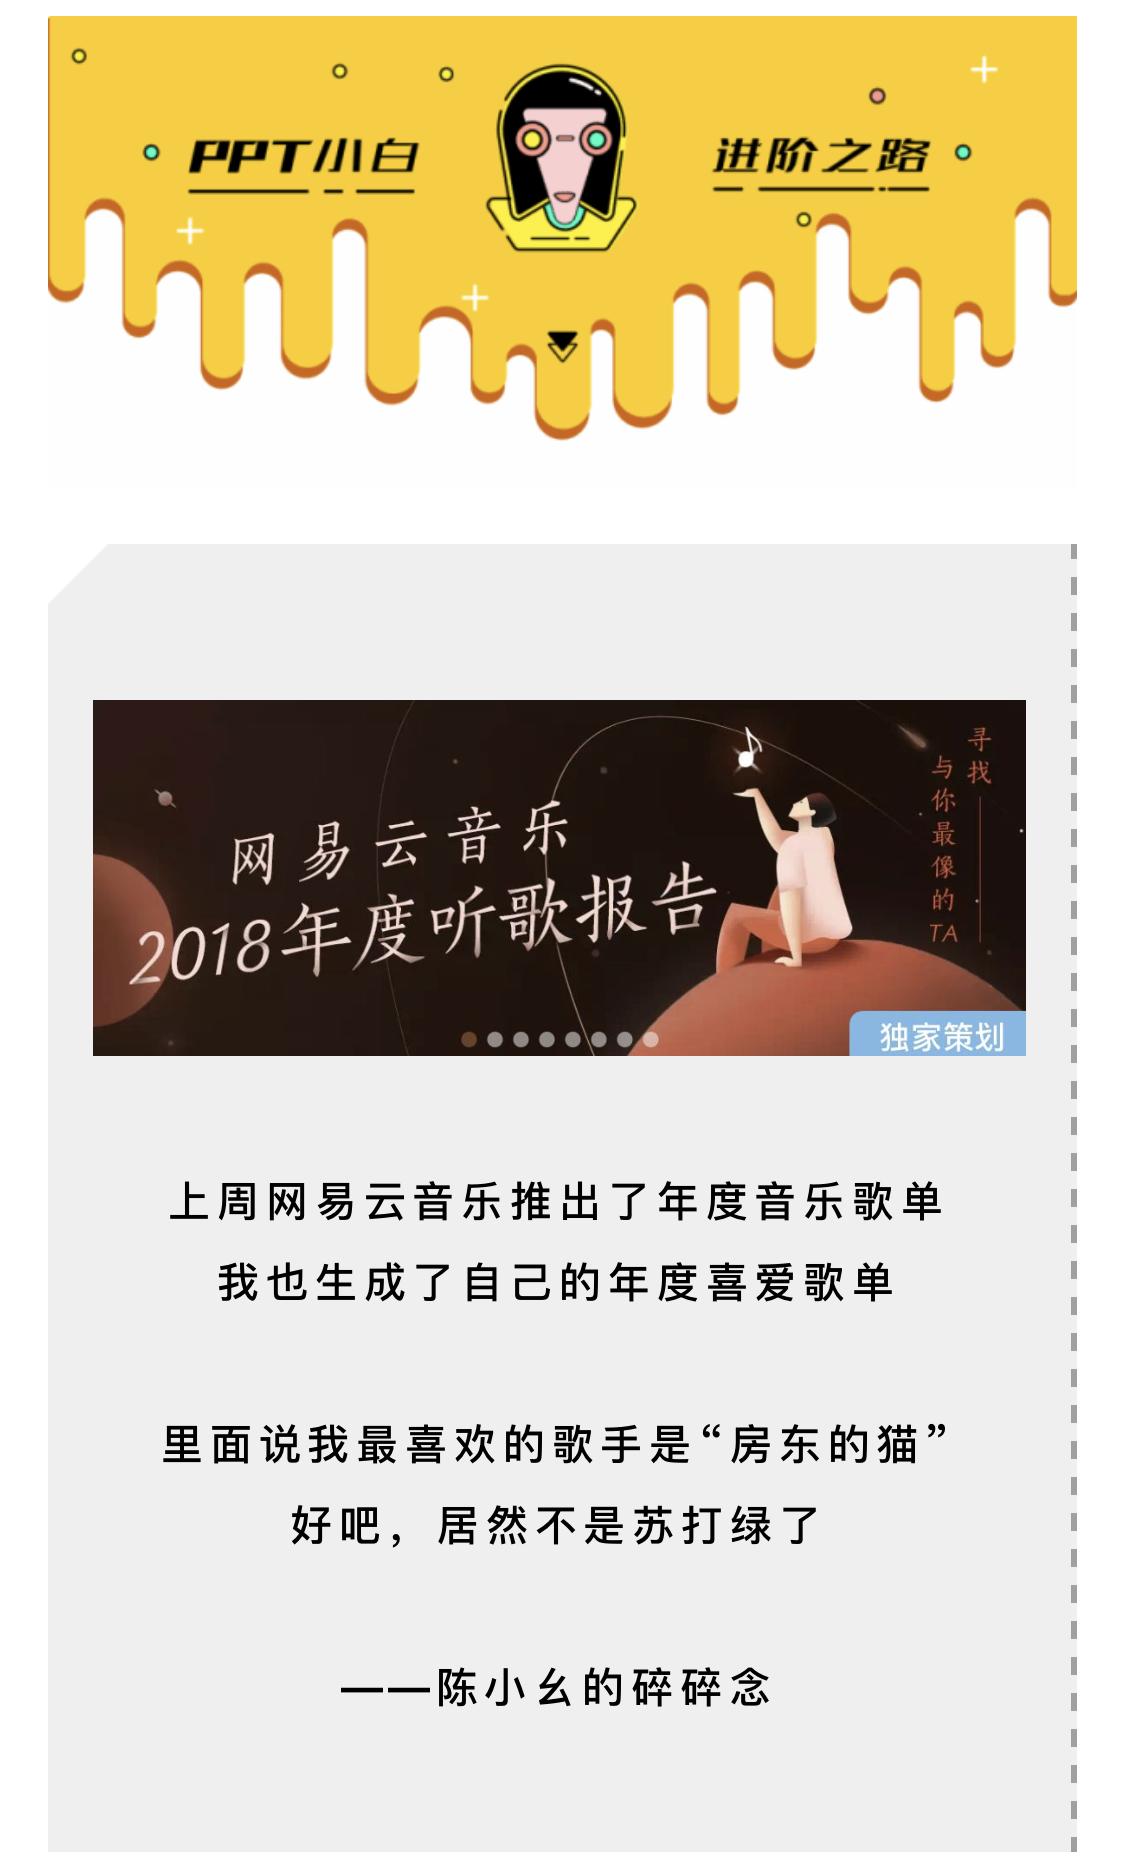 音乐资讯_感谢网易云音乐 | V优客